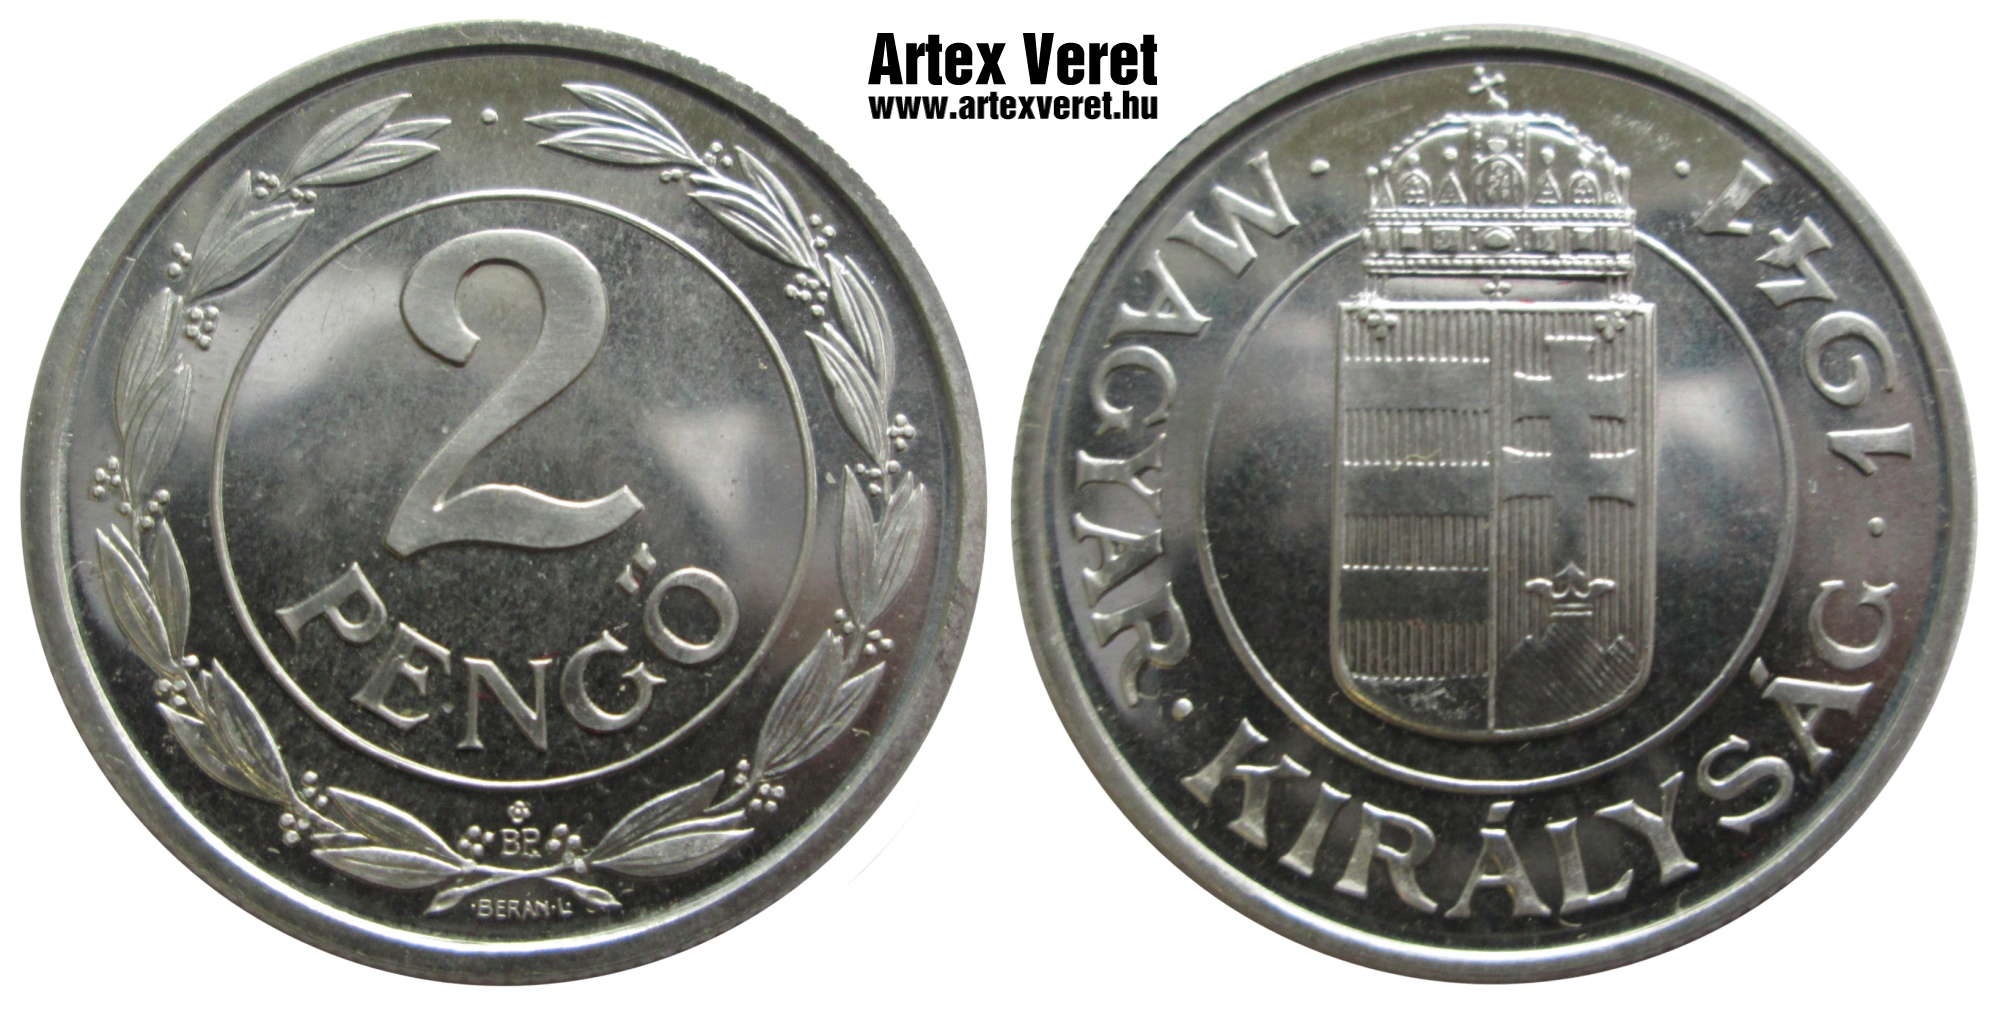 http://www.artexveret.hu/pengo-artex-utanveret/www_artexveret_hu_aluminium_1941_rozettas_hullamos-talpu_artex_utanveret_2_pengo.jpg